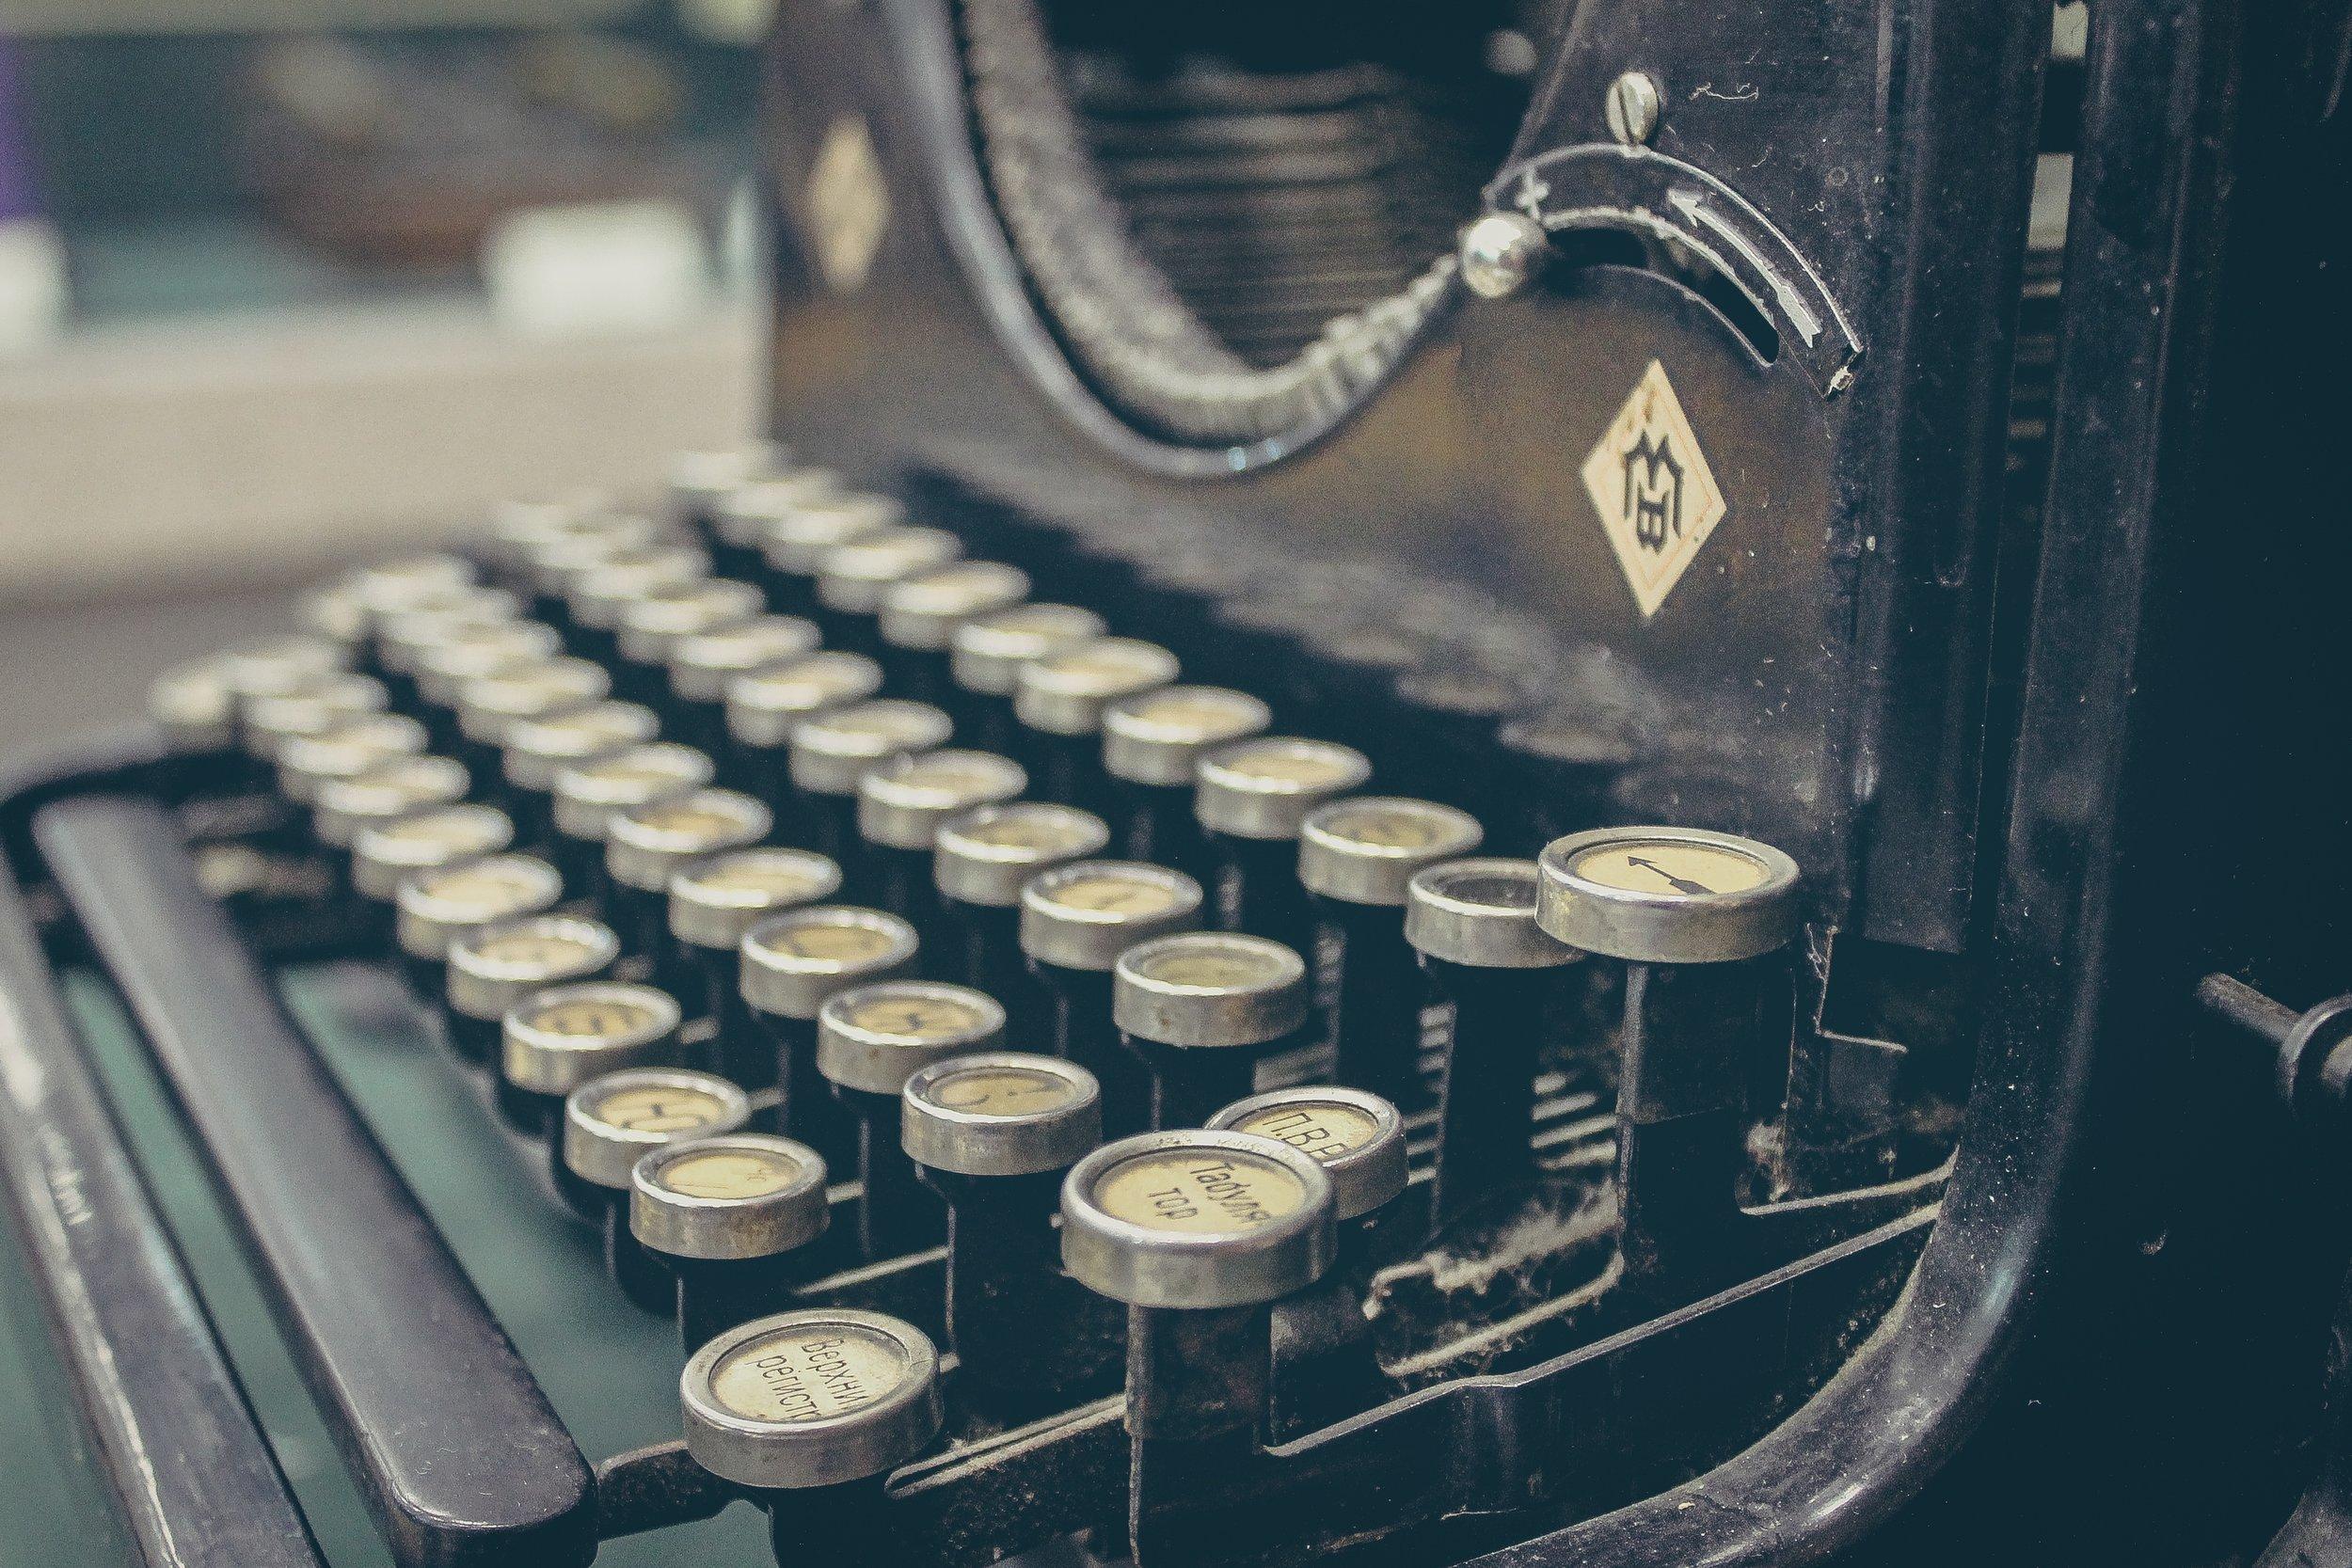 typewriter mbb